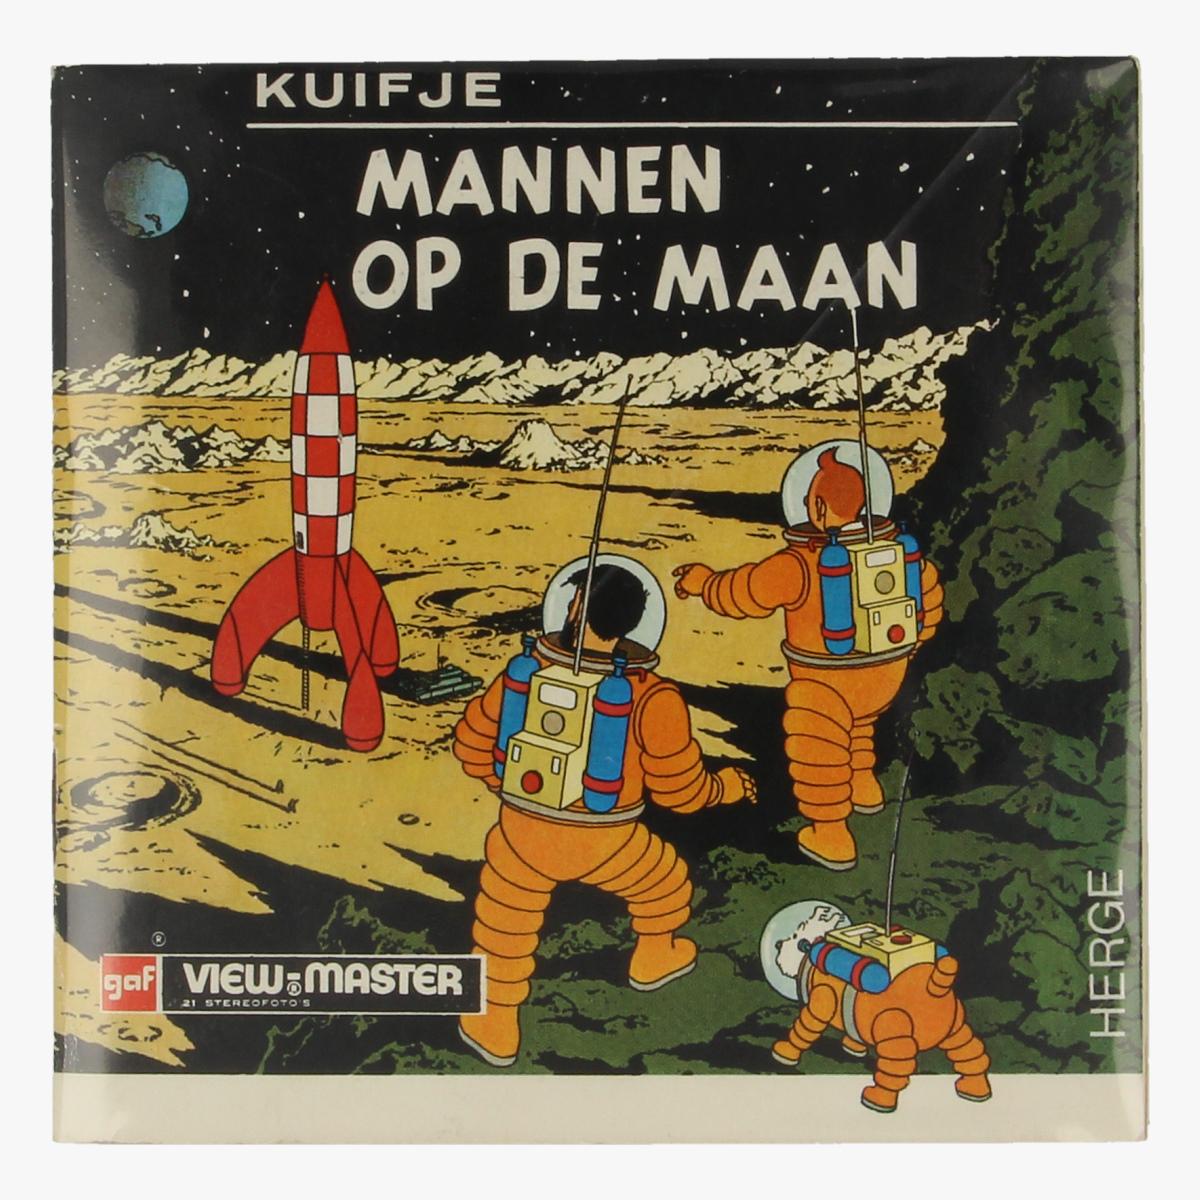 Afbeeldingen van View-Master Kuifje. Mannen op de maan. Hergé. B 543-N